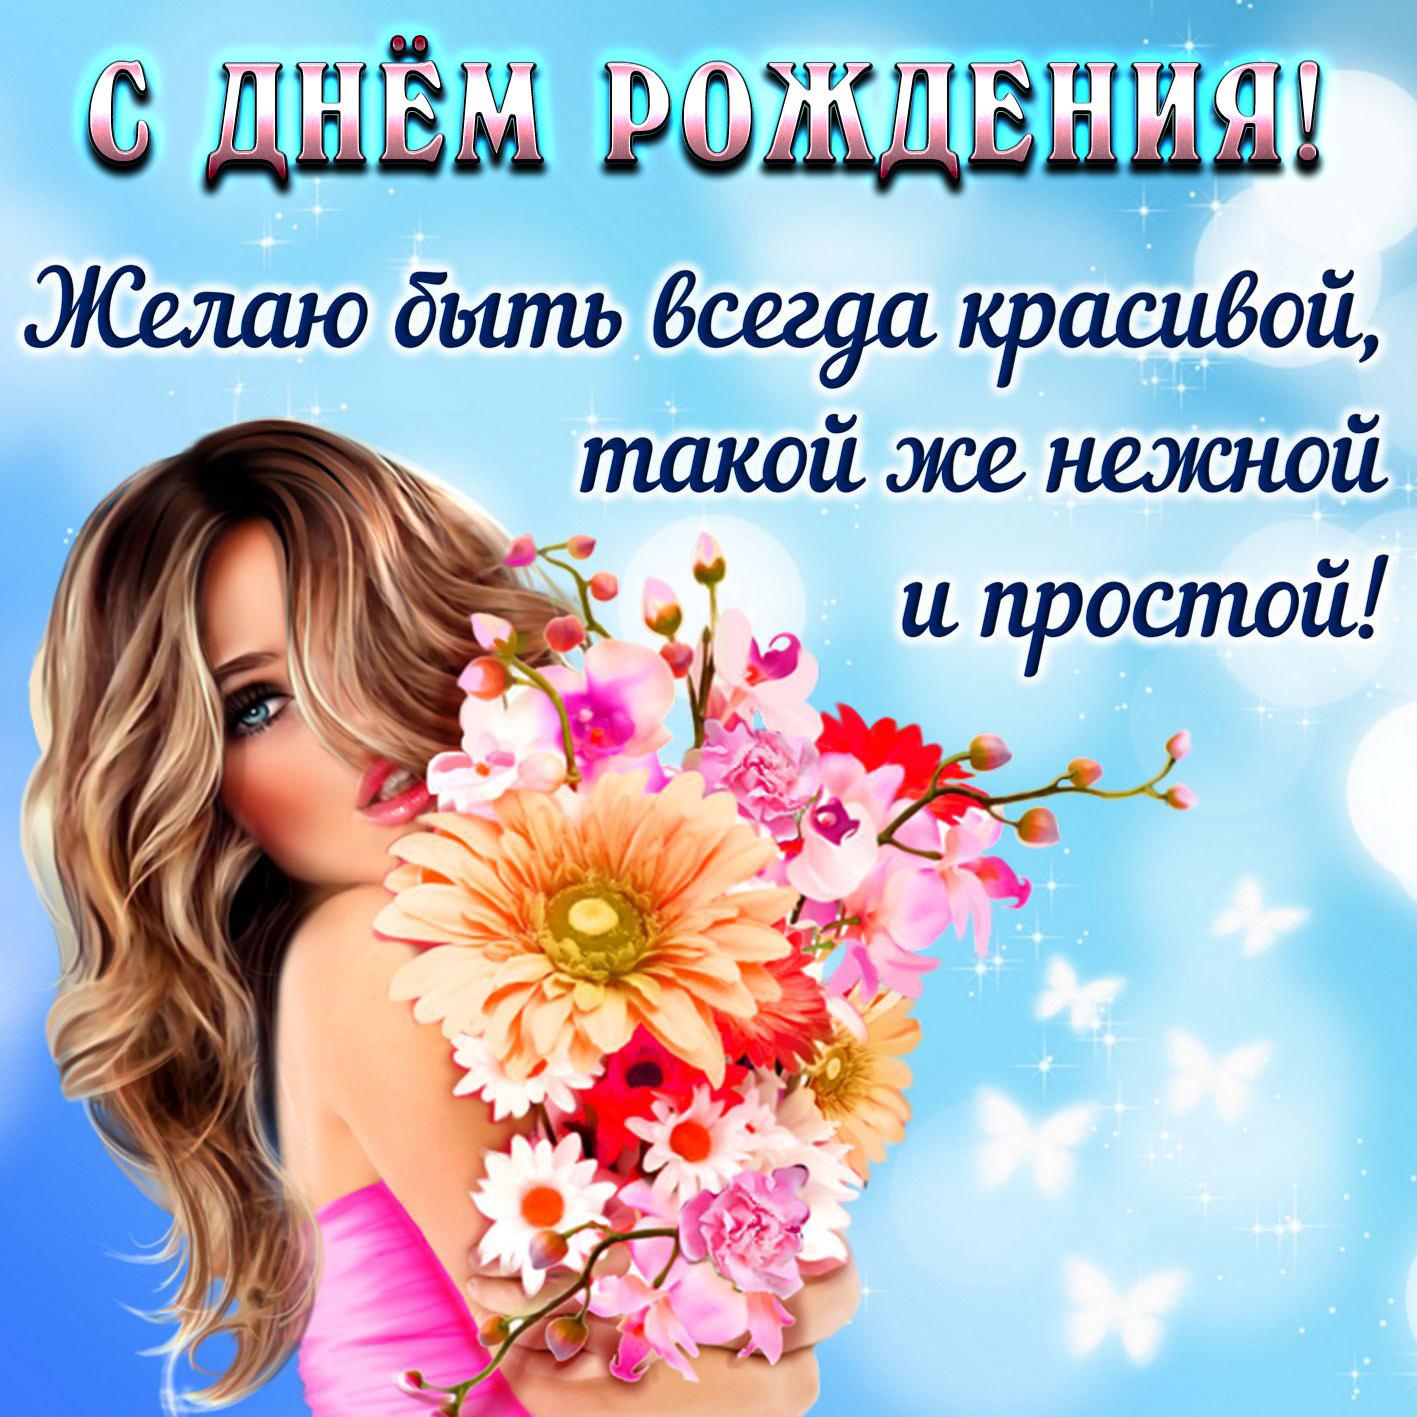 Открытка на День рождения - девушка с красивым букетом цветов